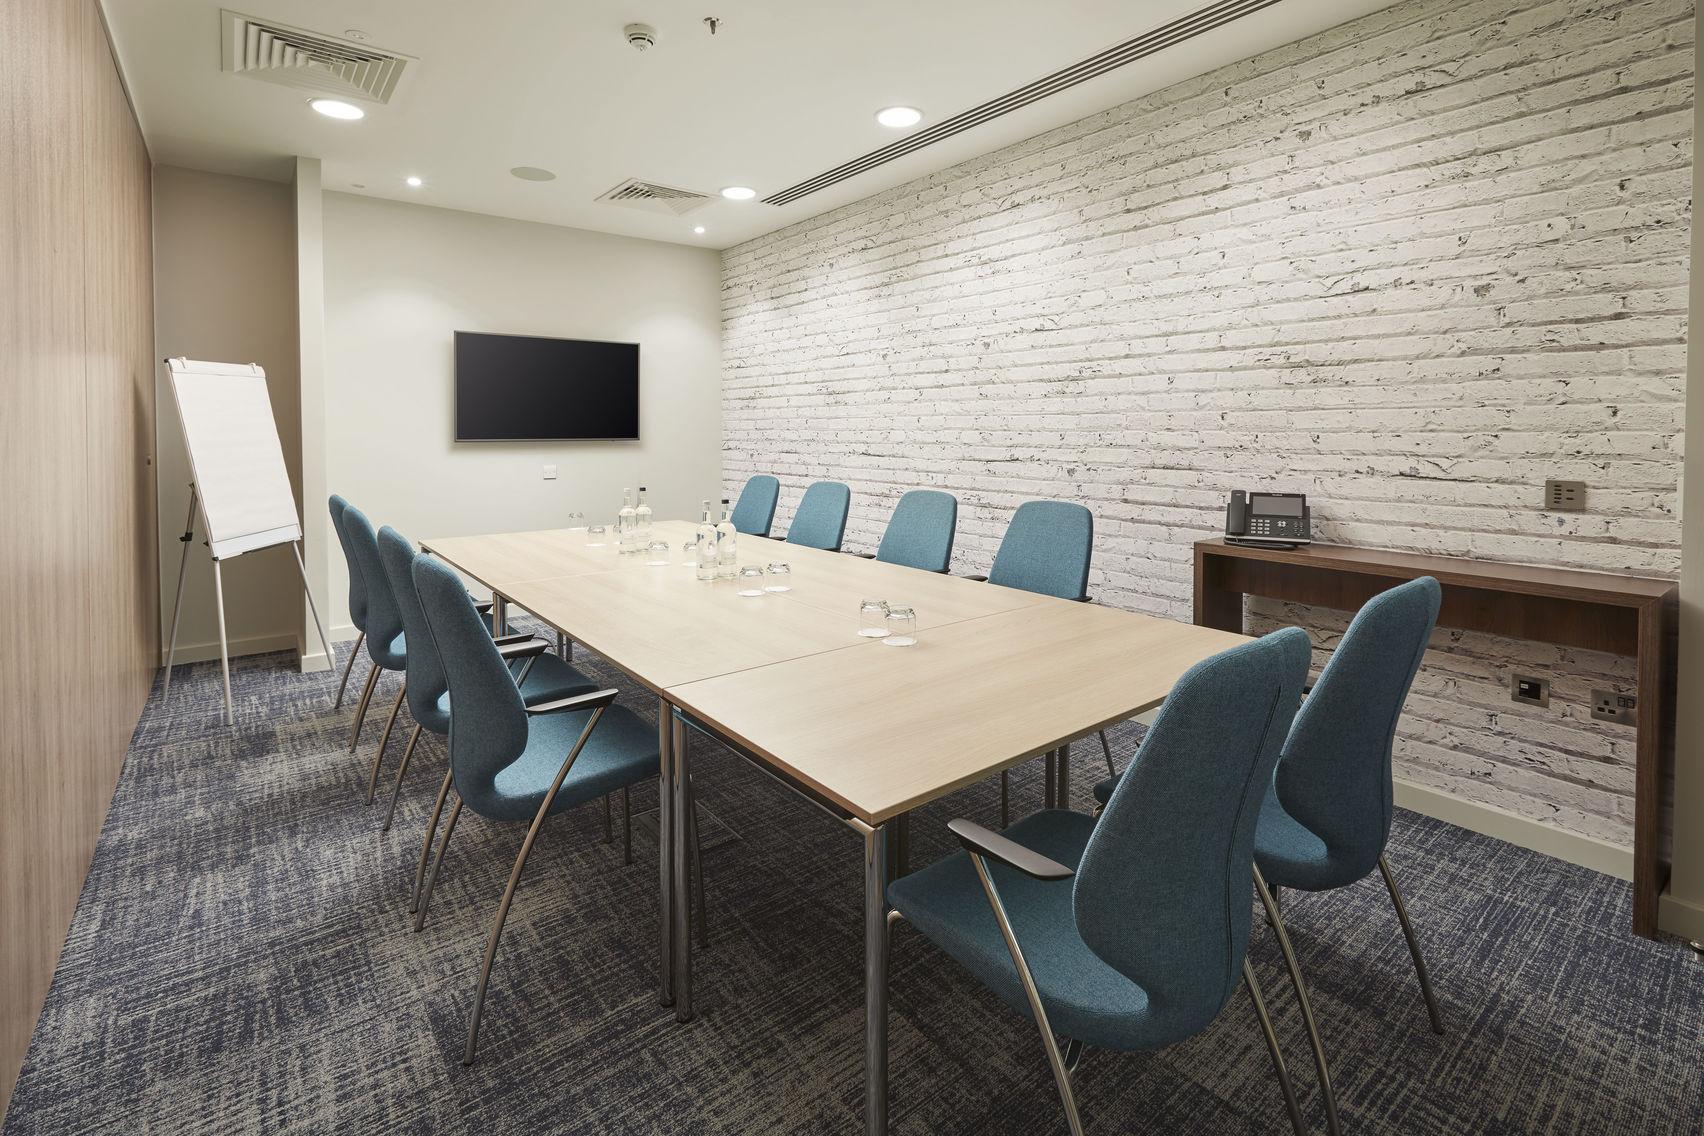 Meeting Room 4, Marlin Waterloo